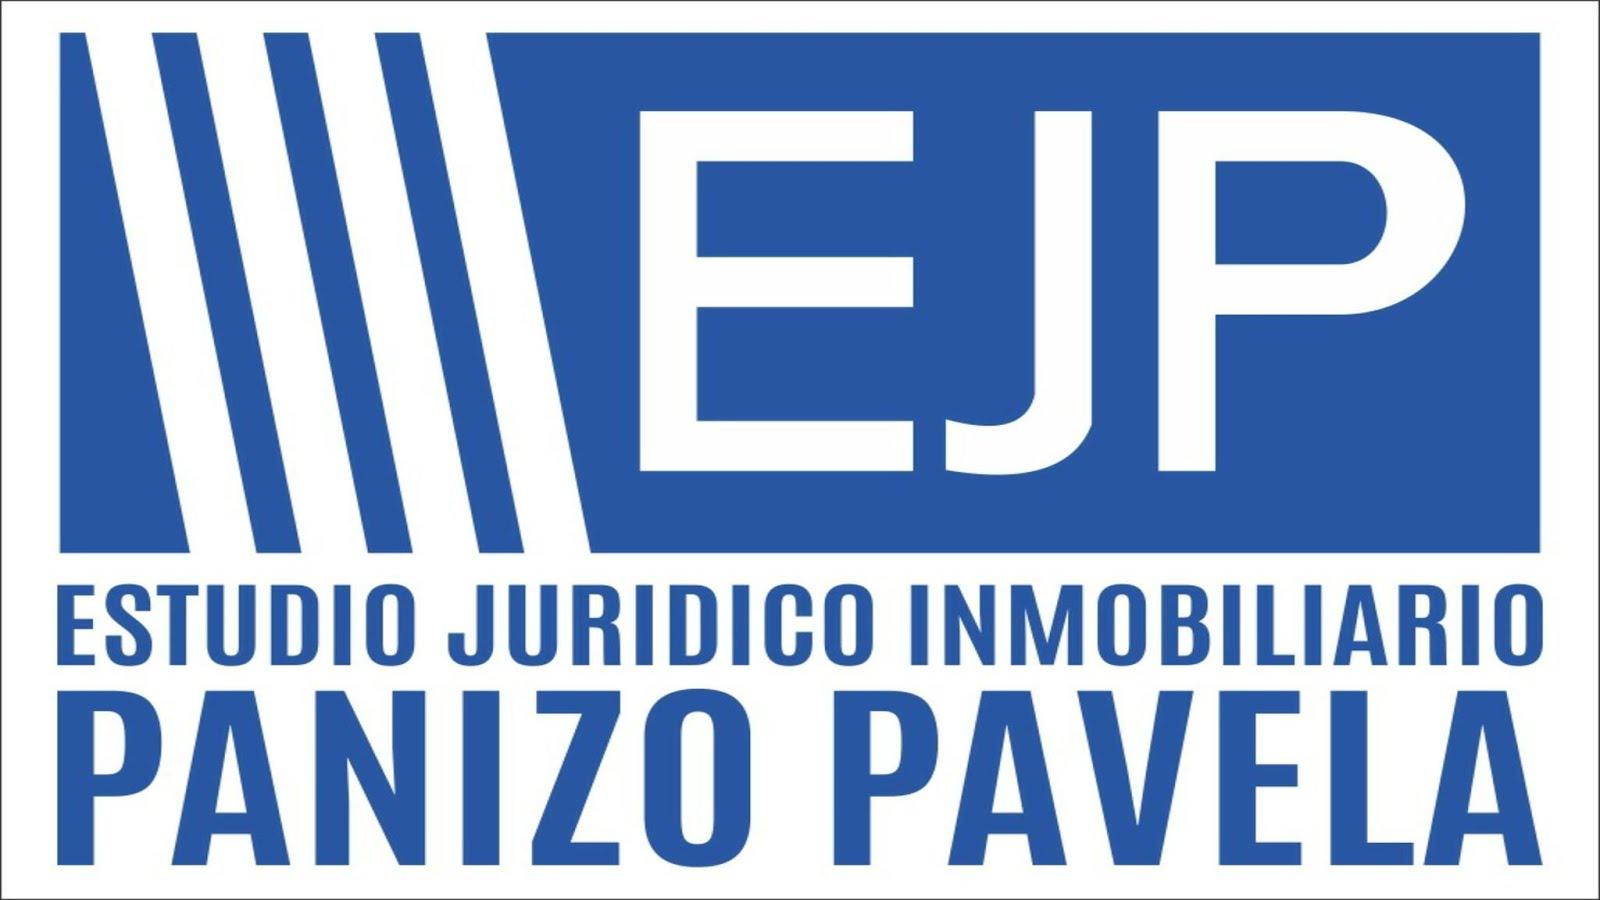 ABOGADA DRA. FERNANDA PANIZO :: Cel. 2236157942 :: Estudio Jurídico en Mar del Plata